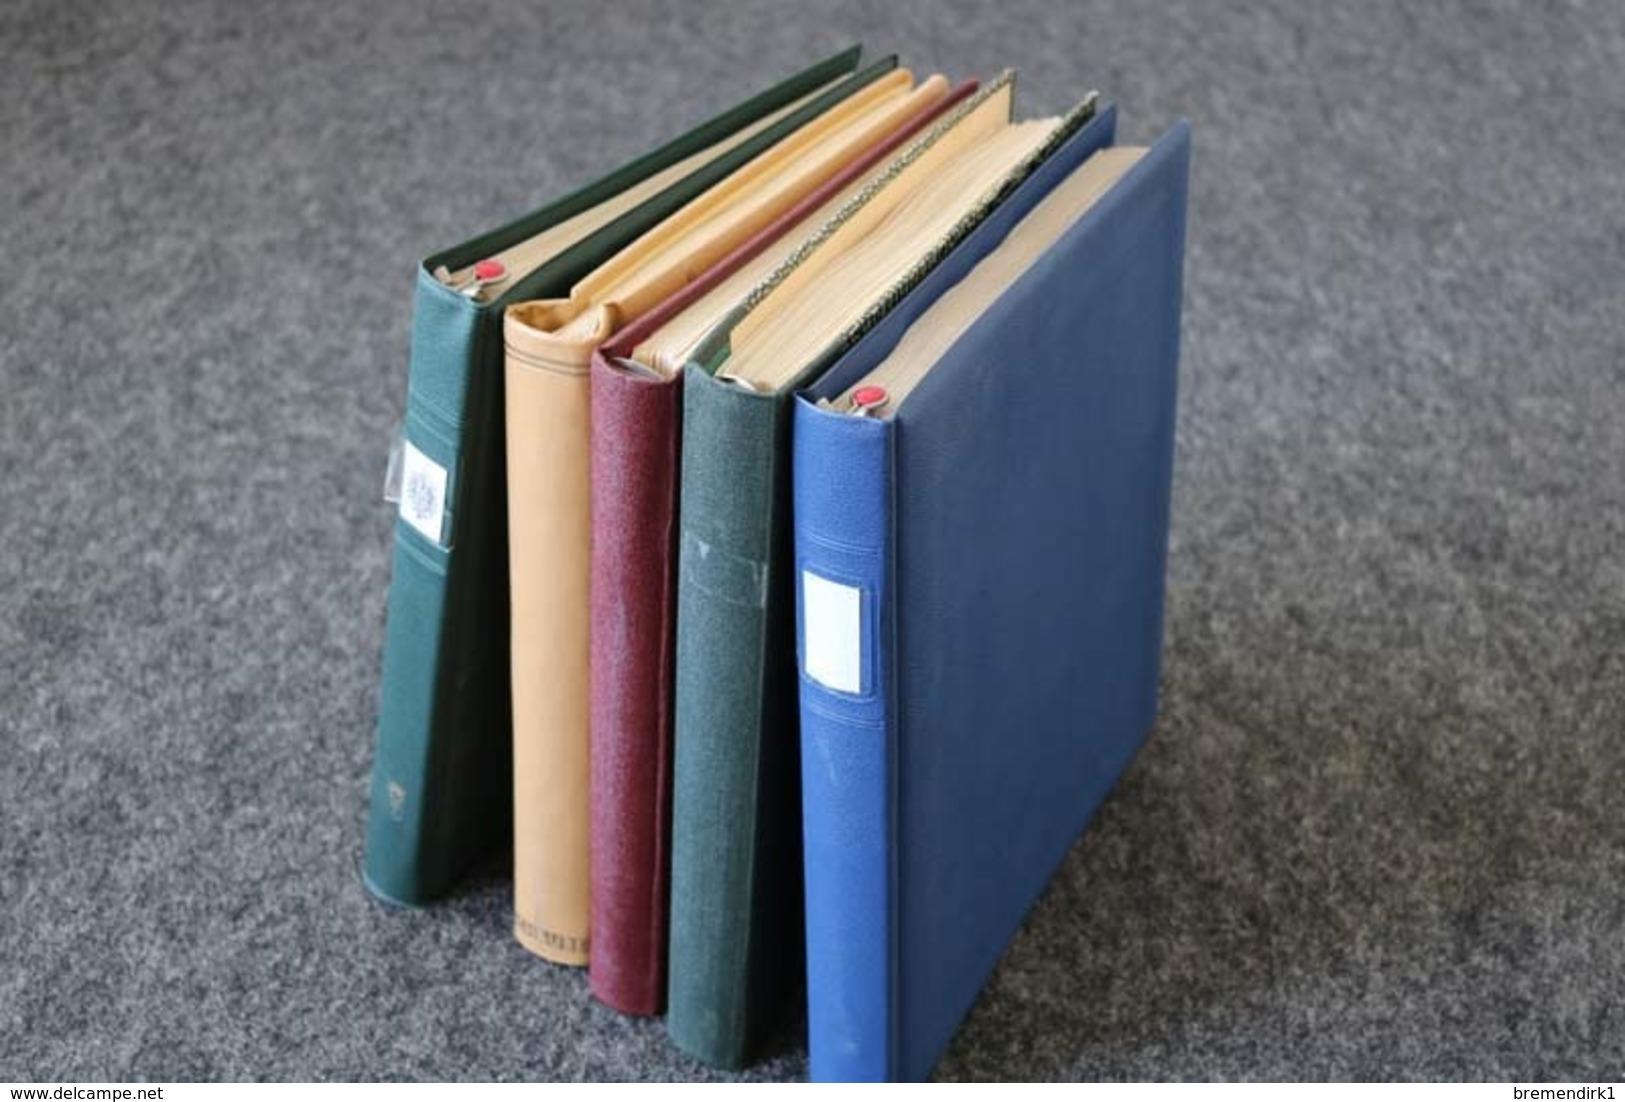 DEUTSCHES REICH + Gebiete Sammlungen In 5 Vordruckalben, 183 Bilder ....209 (F) - Lots & Kiloware (mixtures) - Min. 1000 Stamps